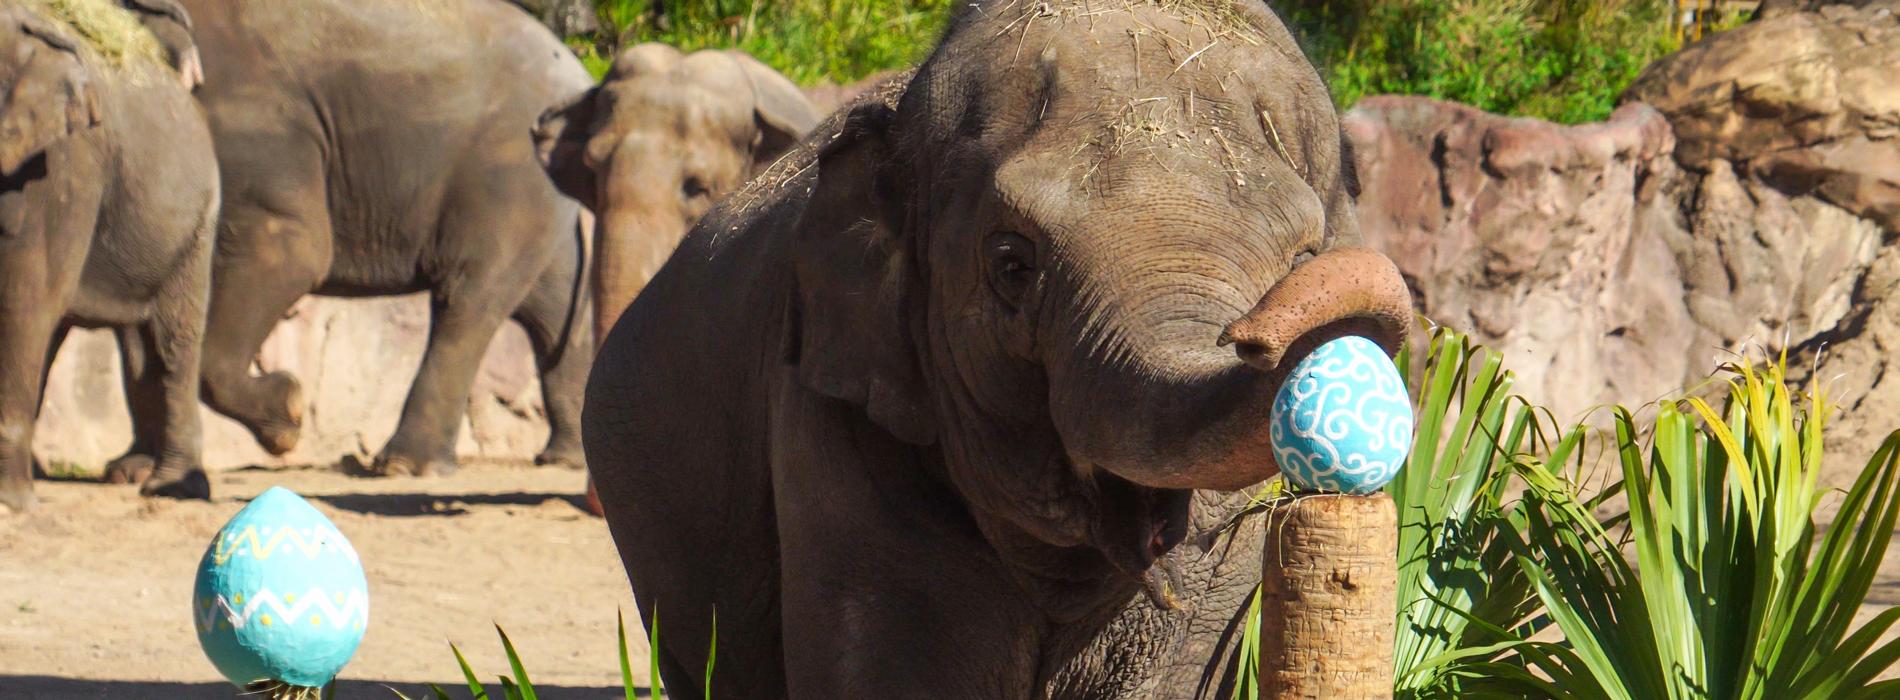 Elephant Egg Hunt Enrichment Activity